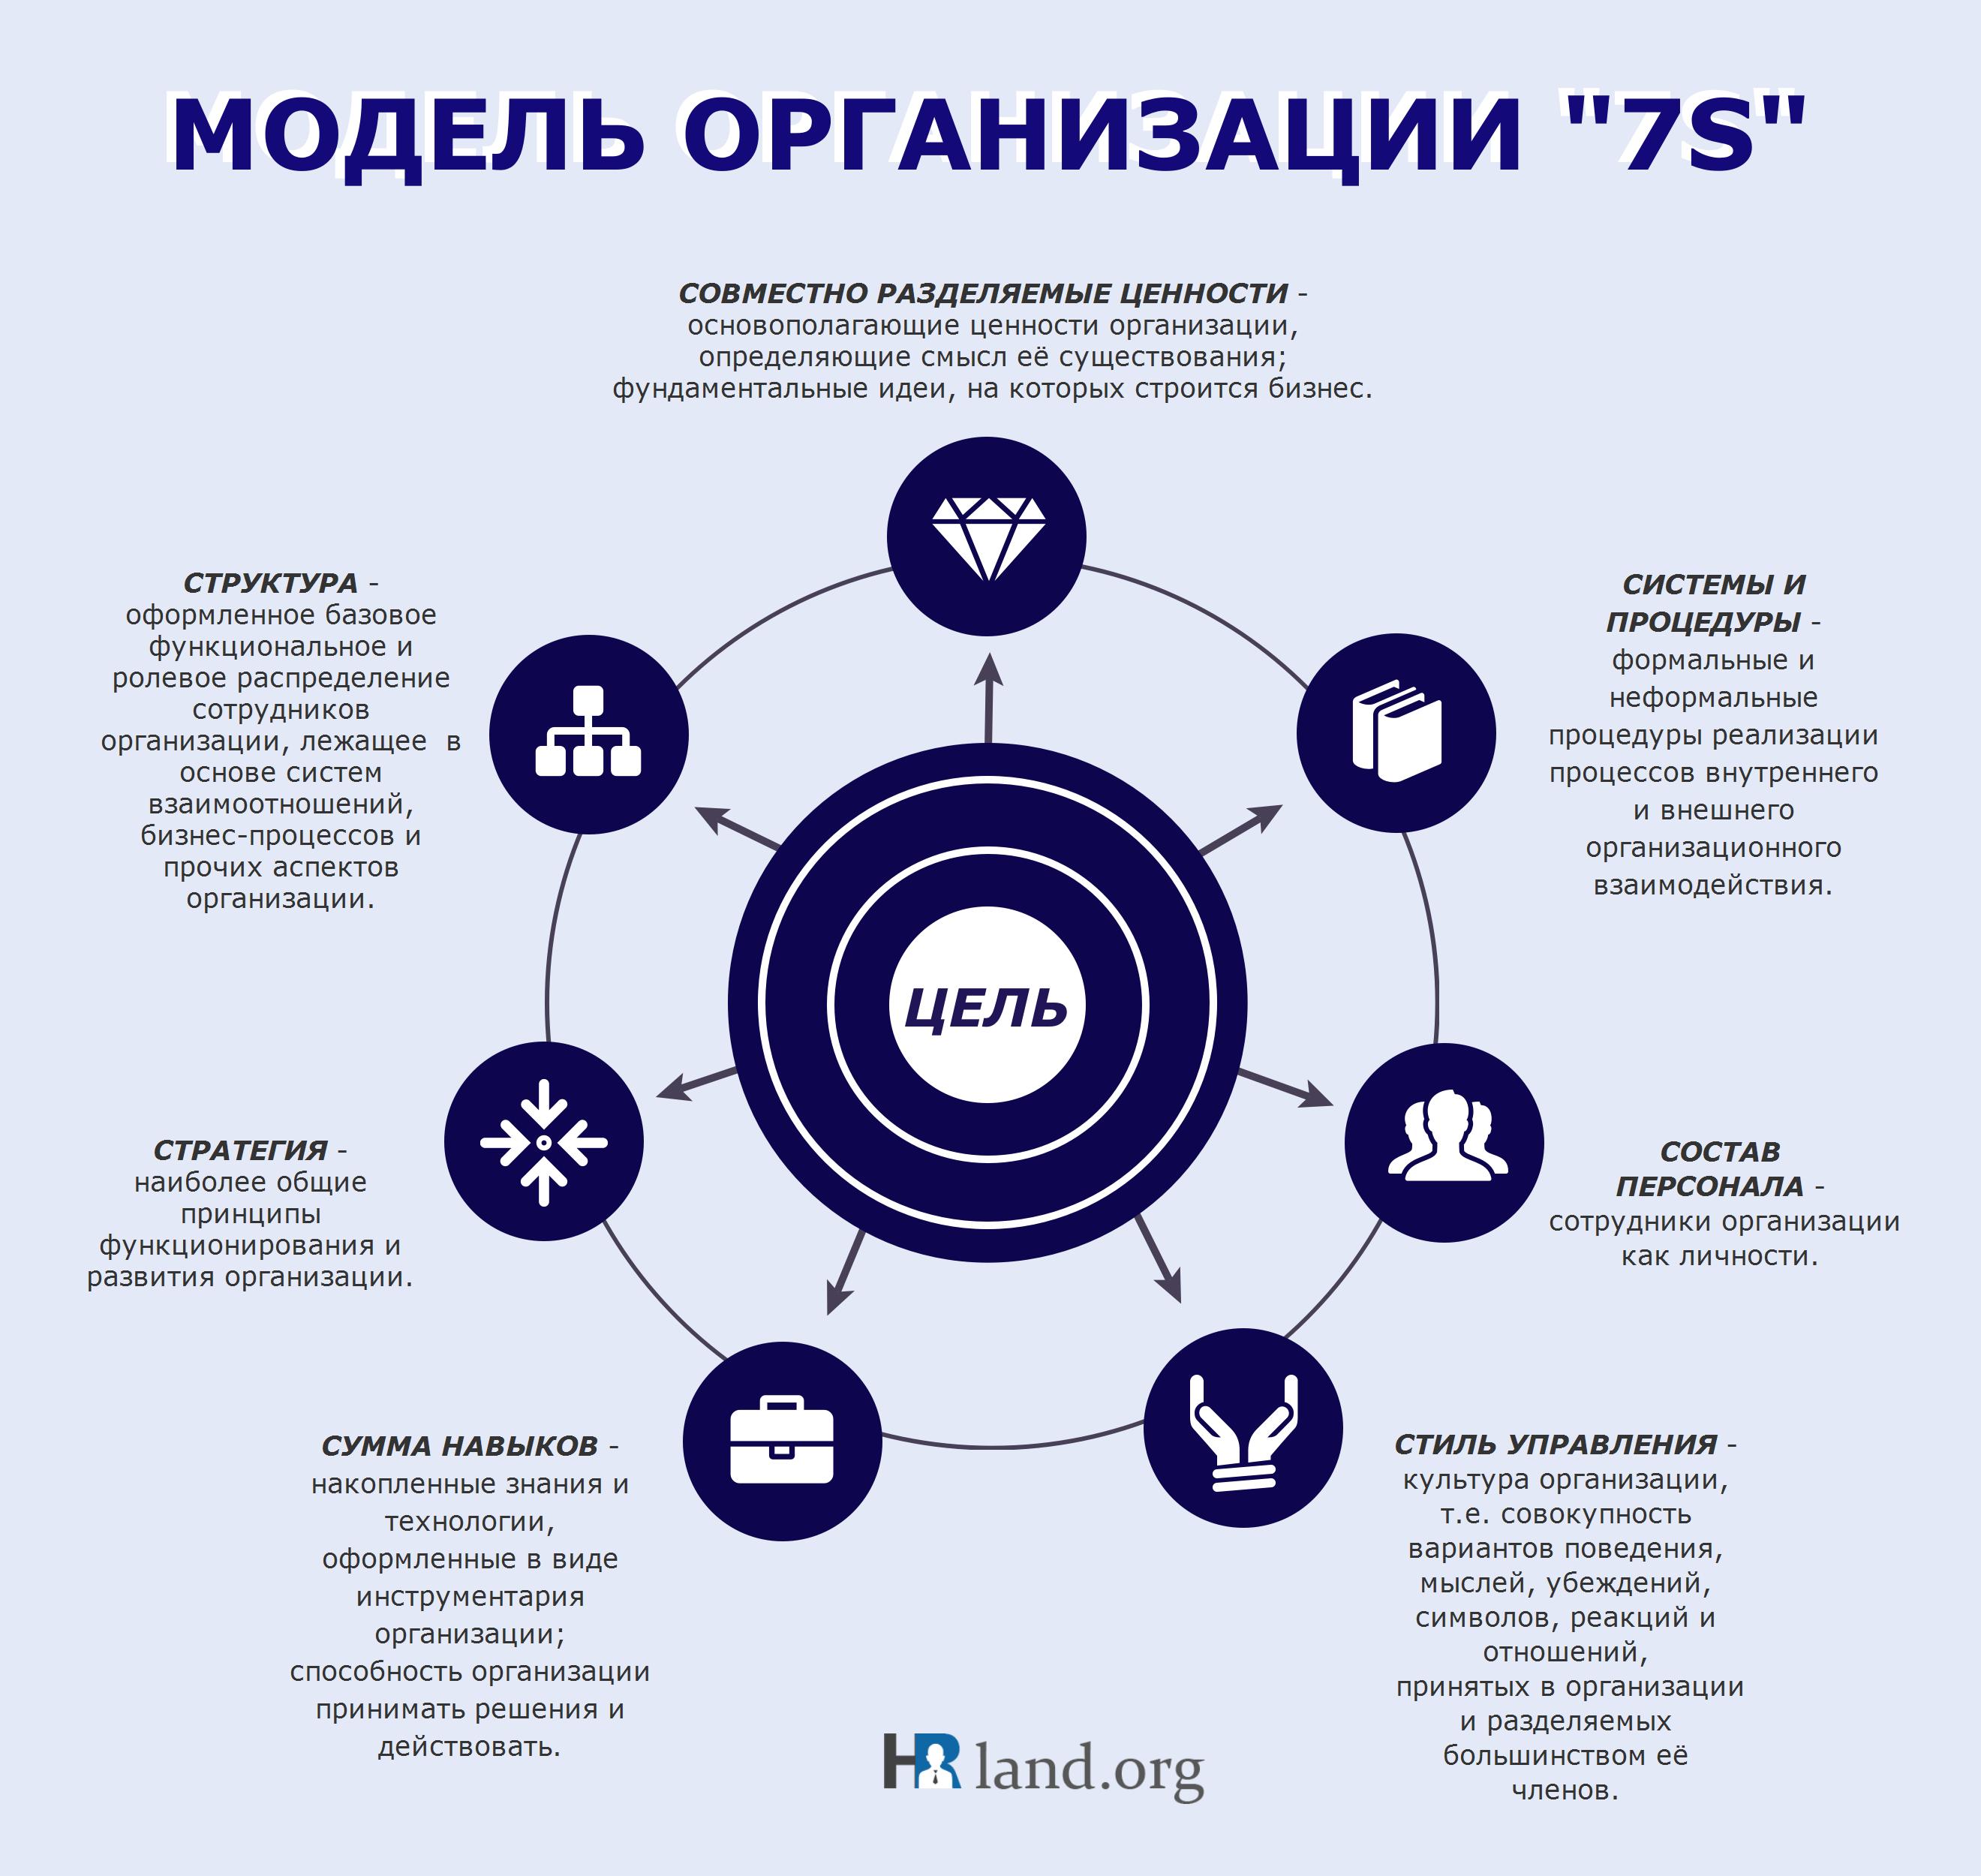 Модель организации 7S